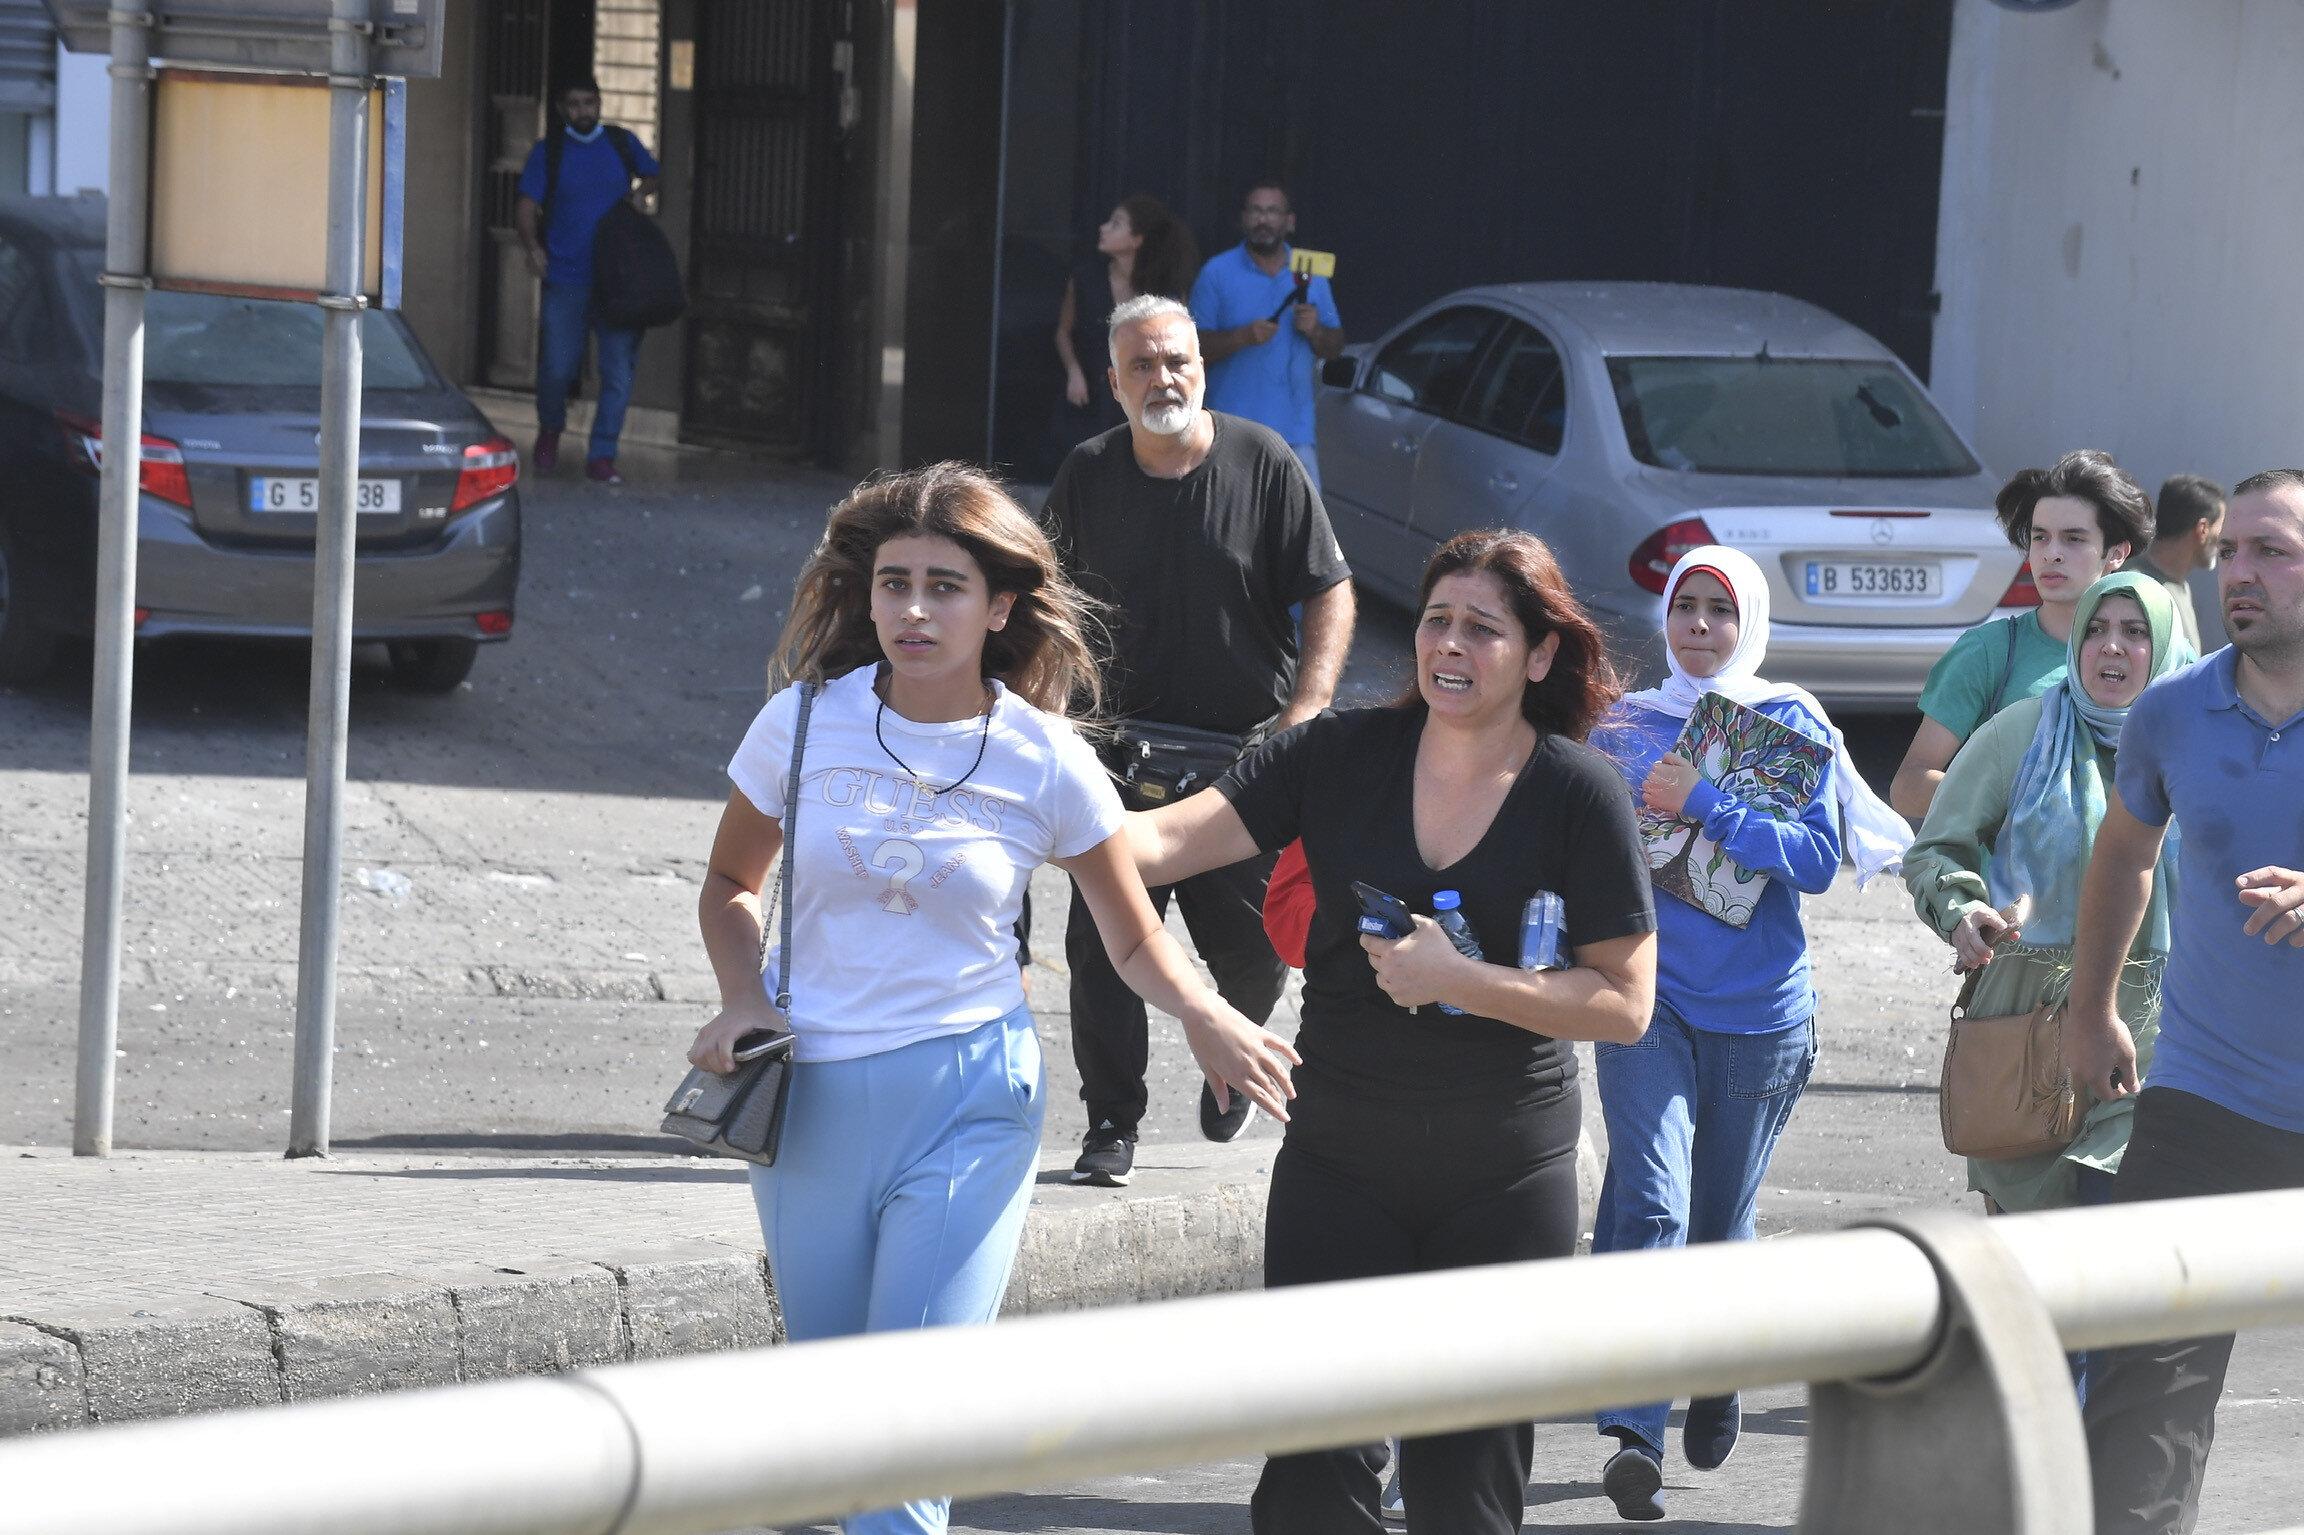 Roket ve uzun namlulu silahların kullanıldığı olay, Beyrut'ta gerginlik ve büyük korkuya yol açtı.